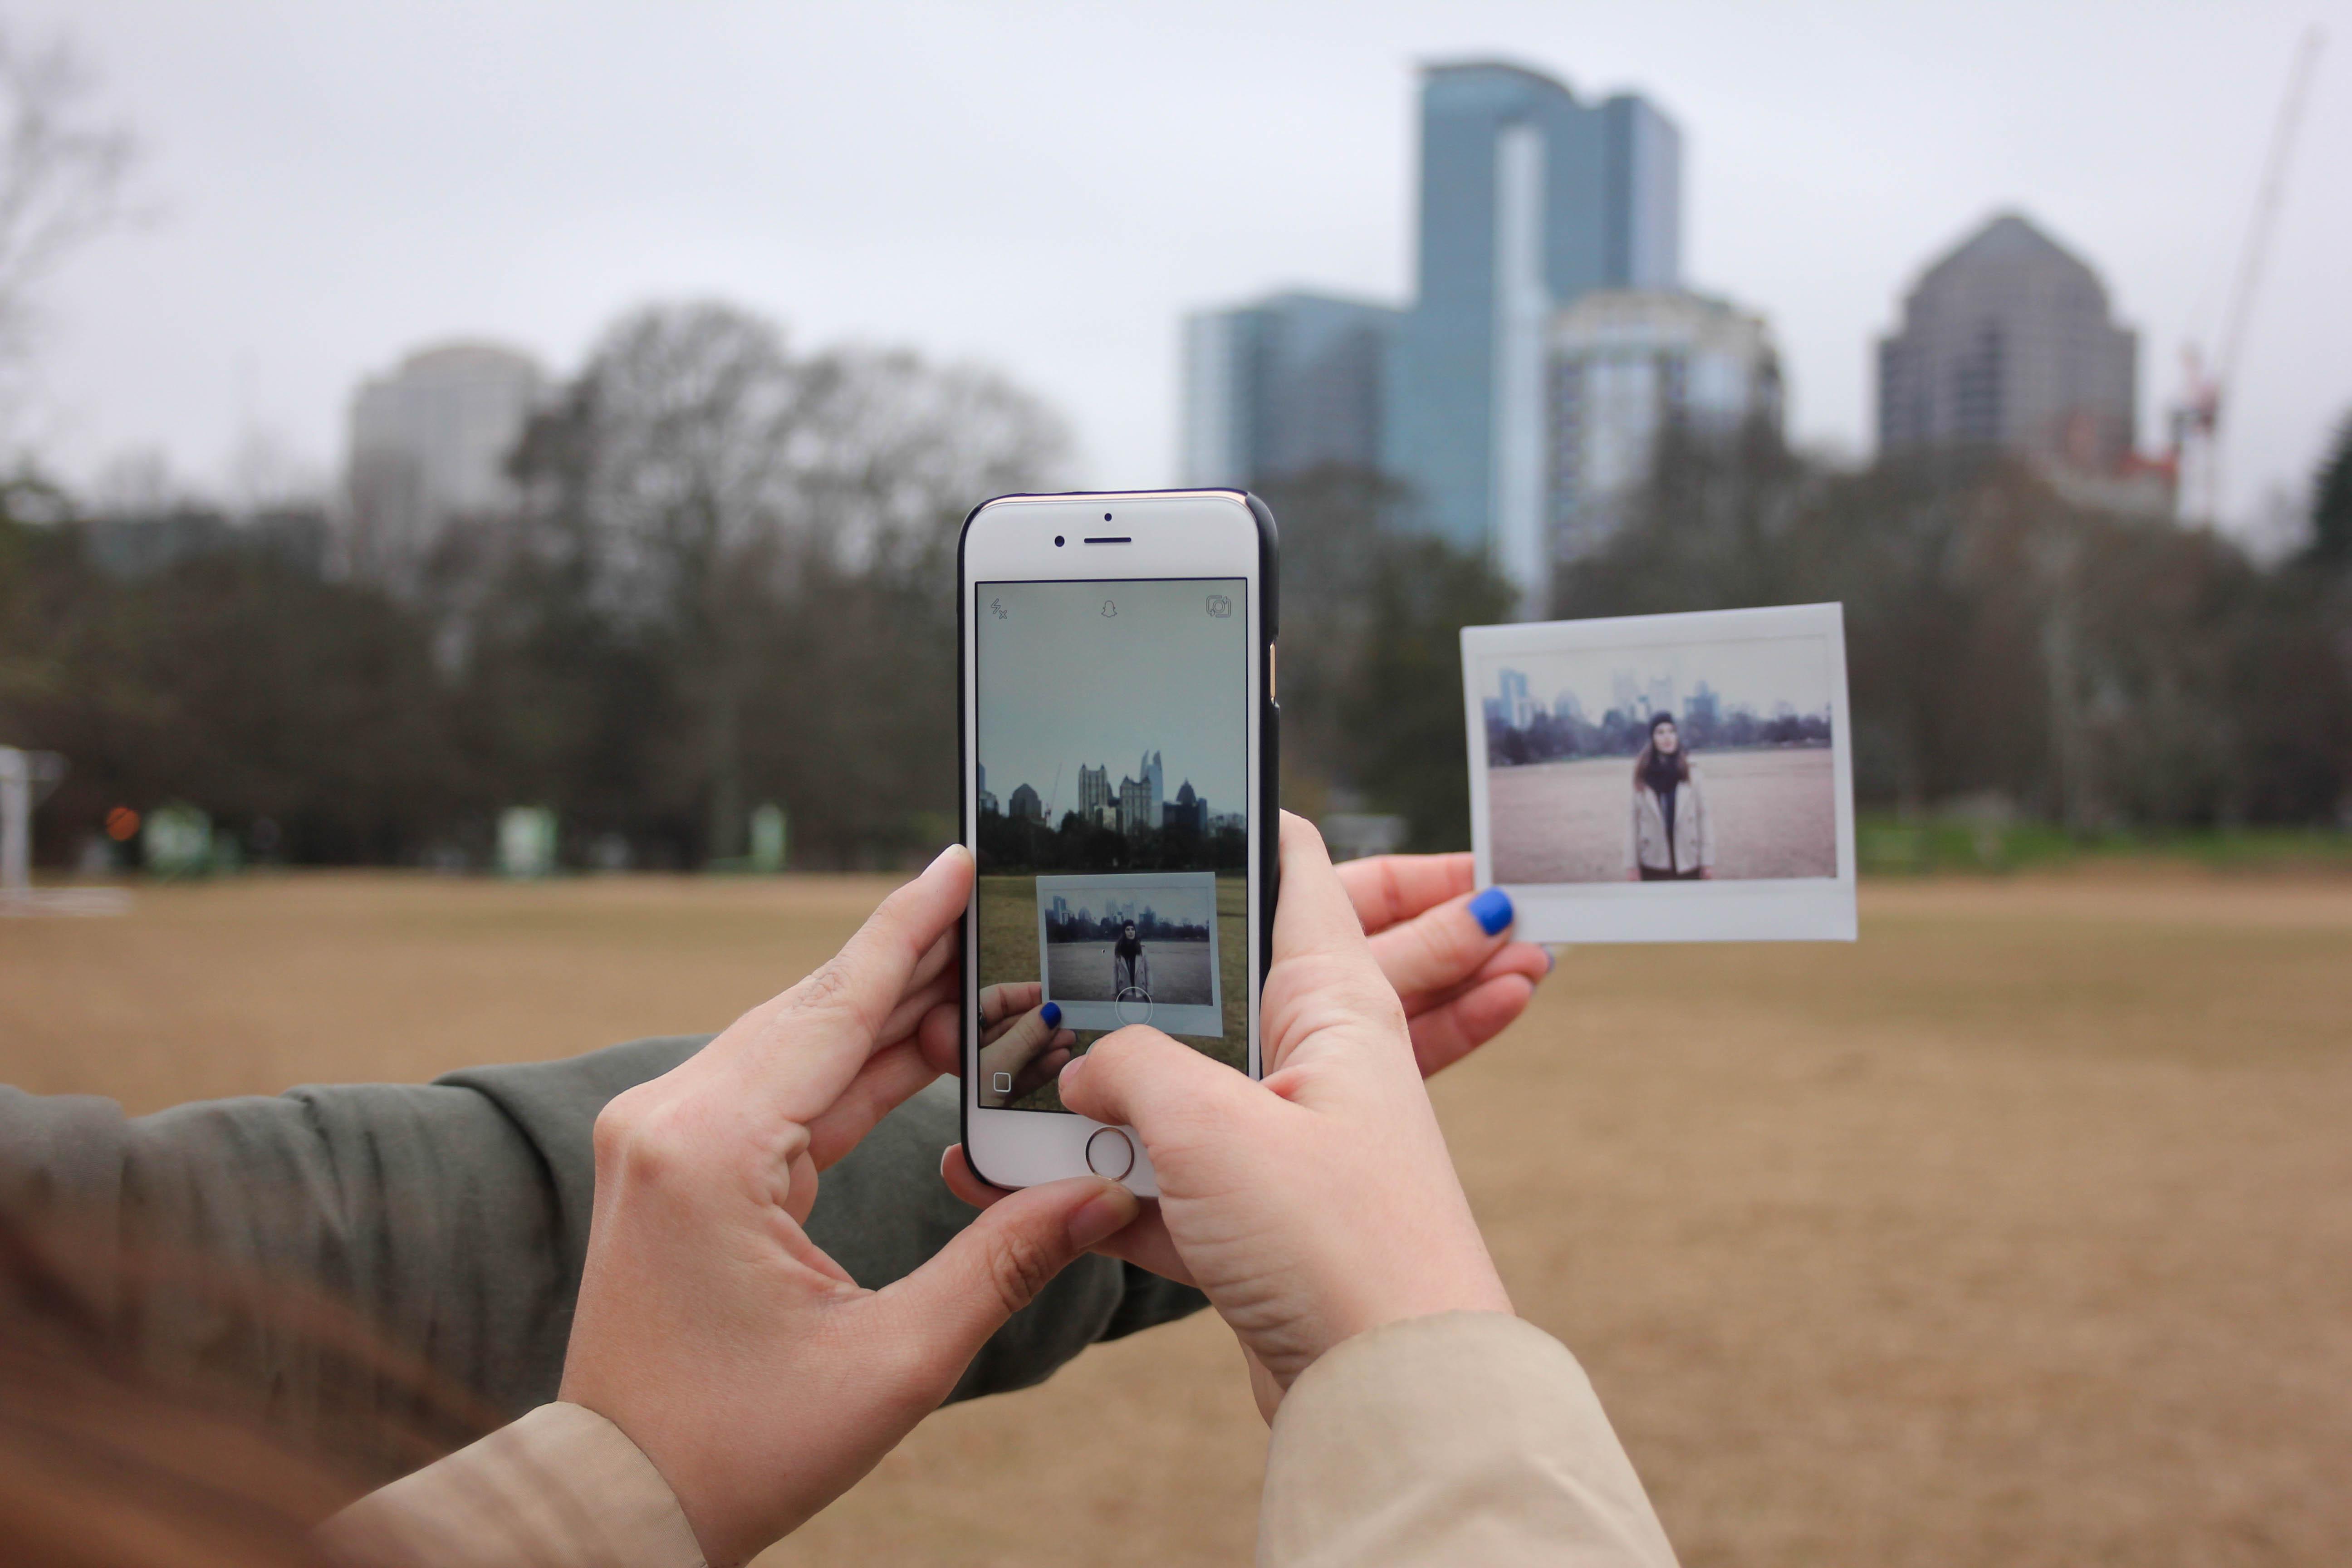 Ein Polaroid-Bild wird mit einem Smartphone abfotografiert